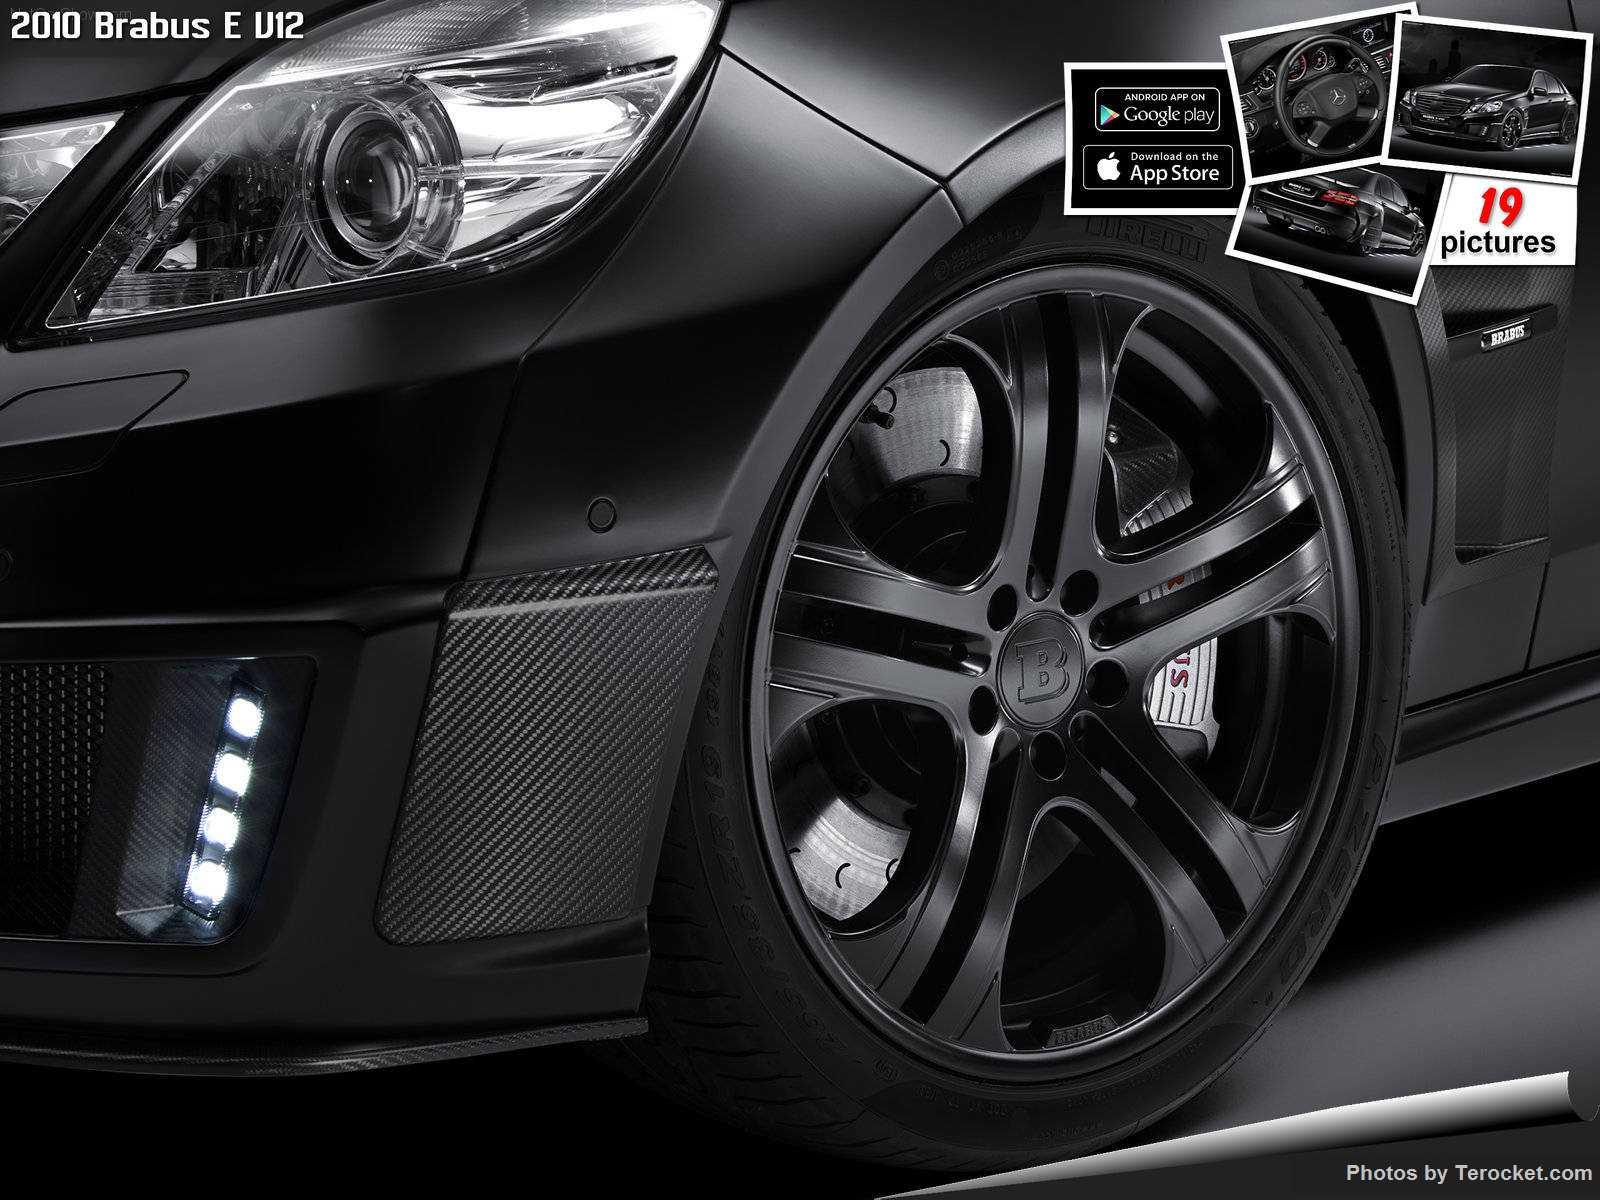 Hình ảnh xe ô tô Brabus E V12 2010 & nội ngoại thất